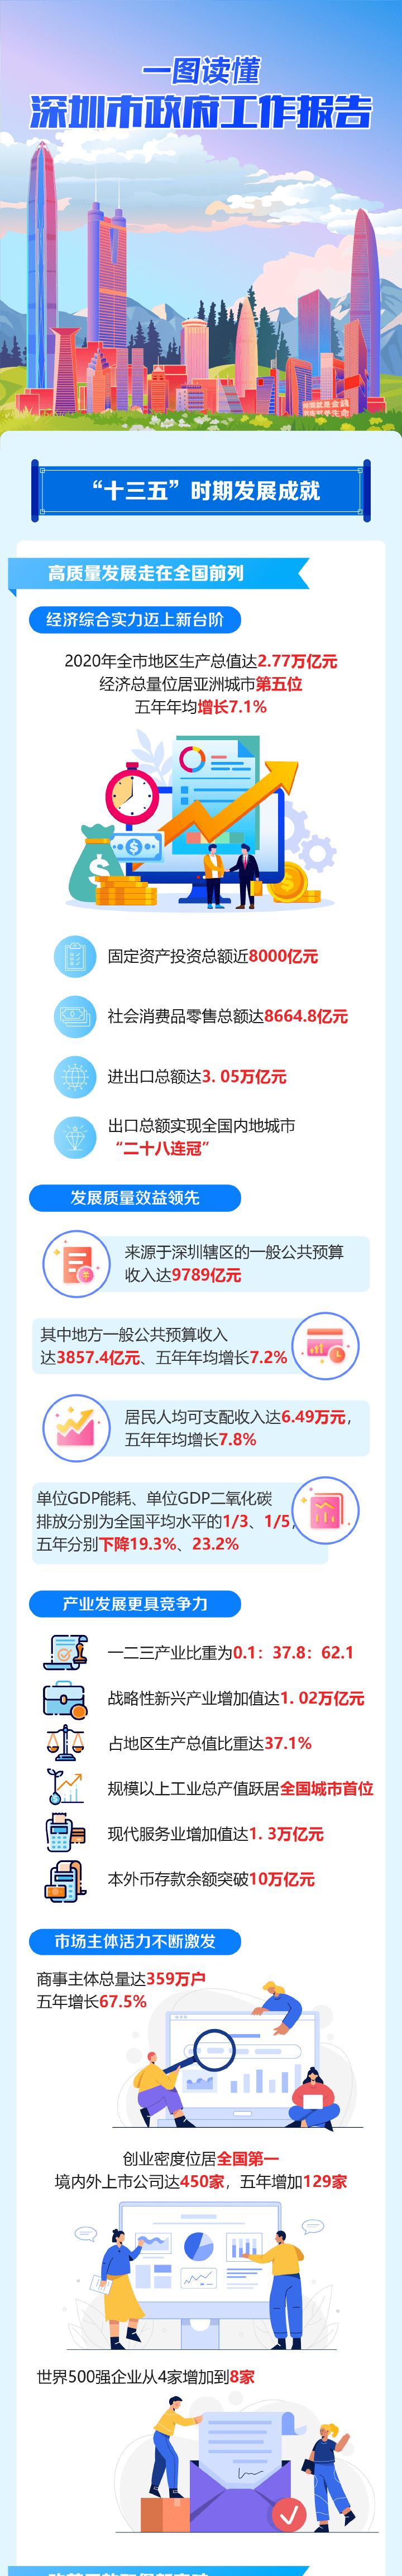 一图读懂深圳市政府工作报告